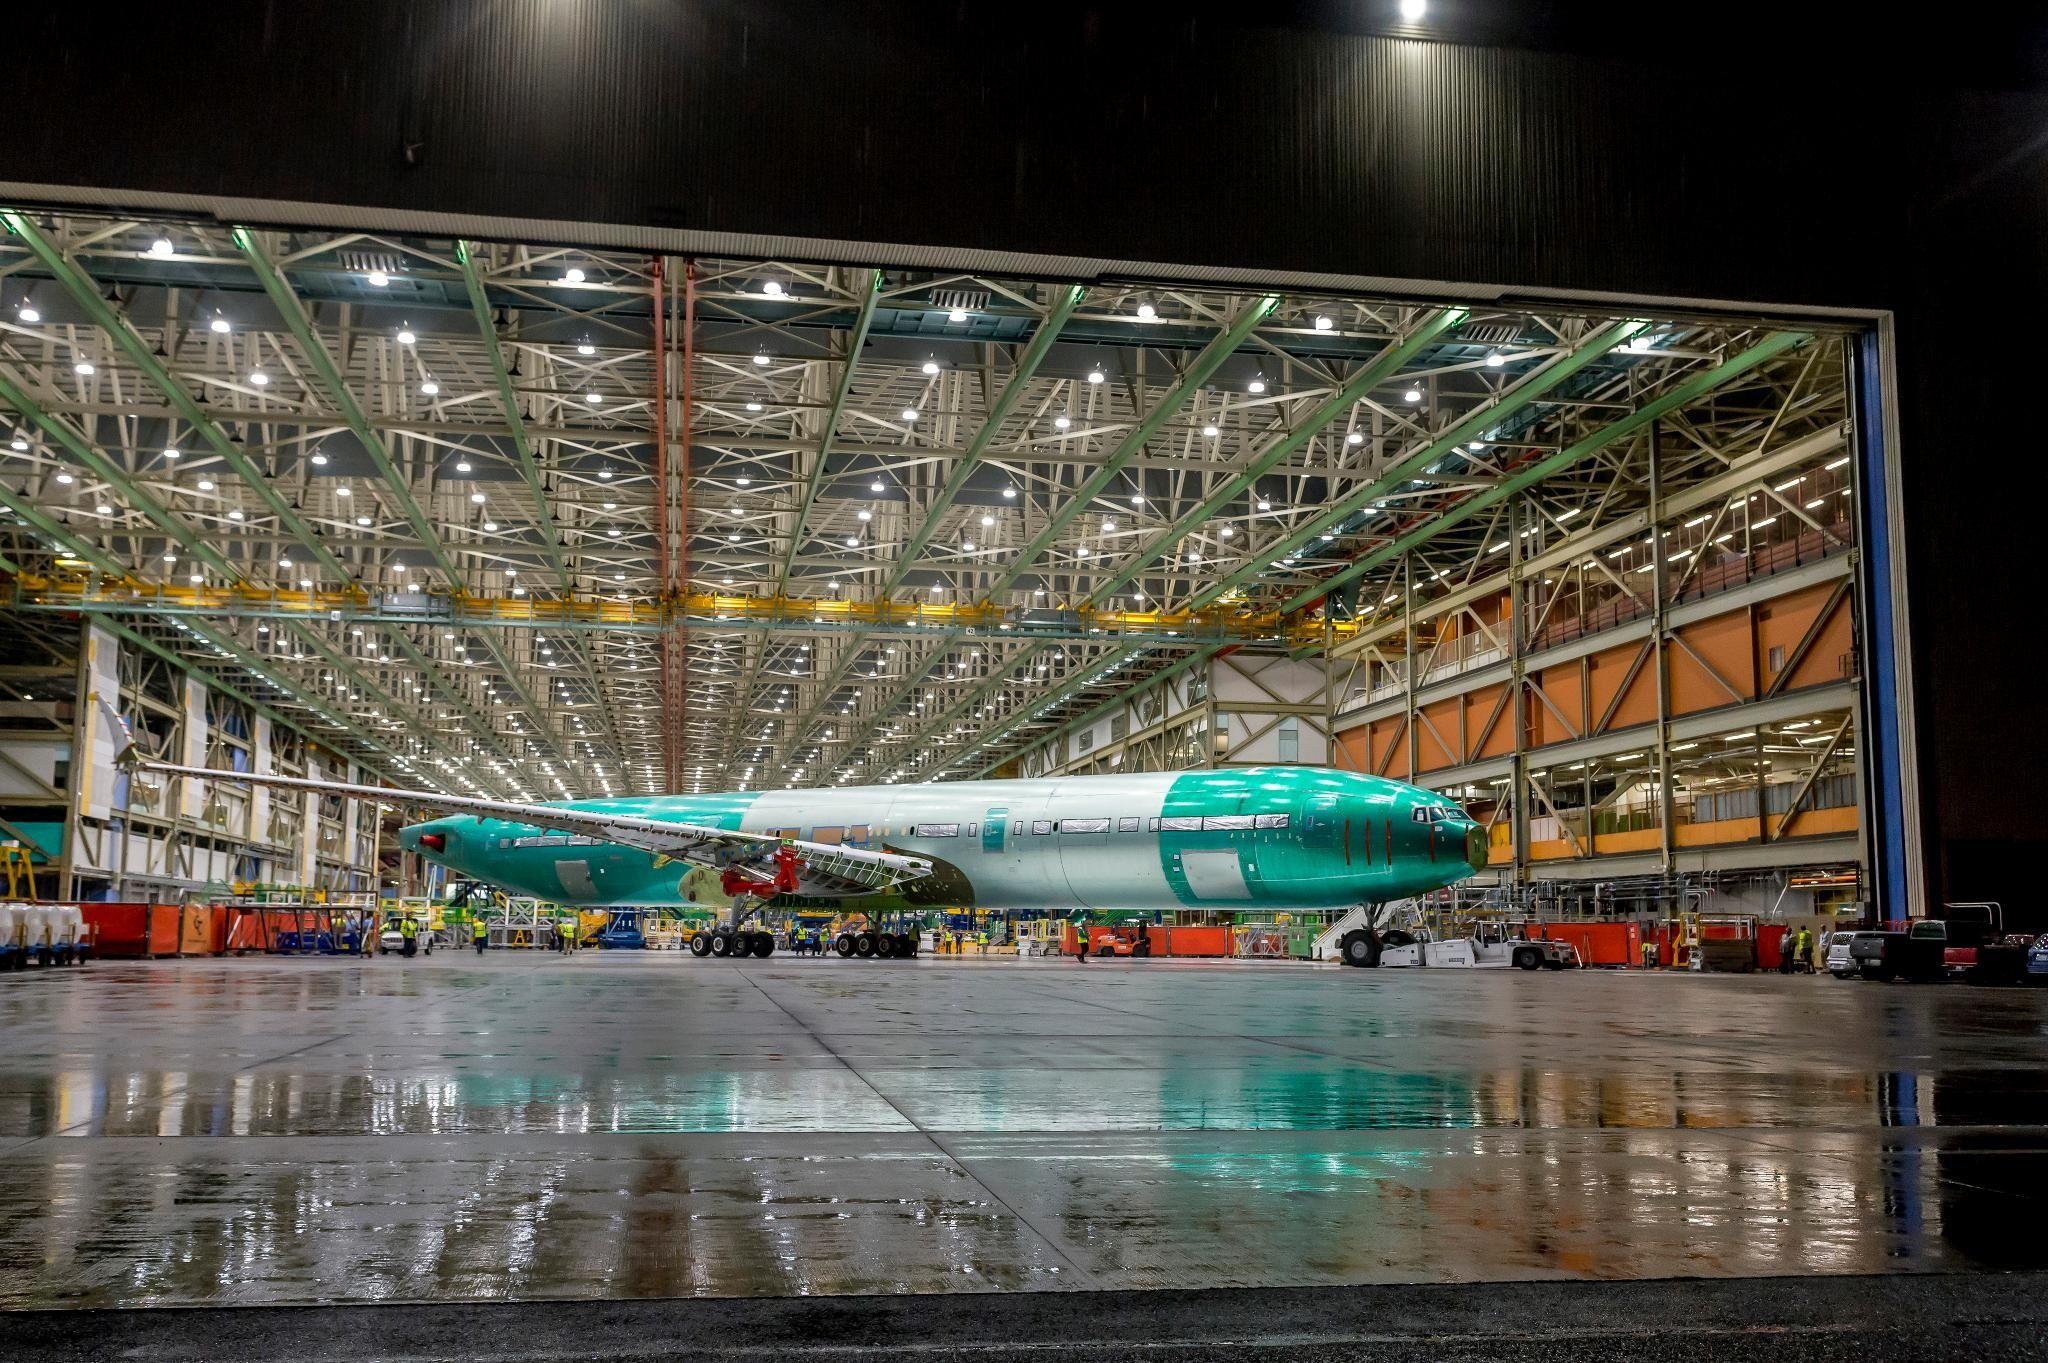 波音777X首架静力试验飞机在埃弗雷特工厂完成总装下线(来源:波音Twitter)